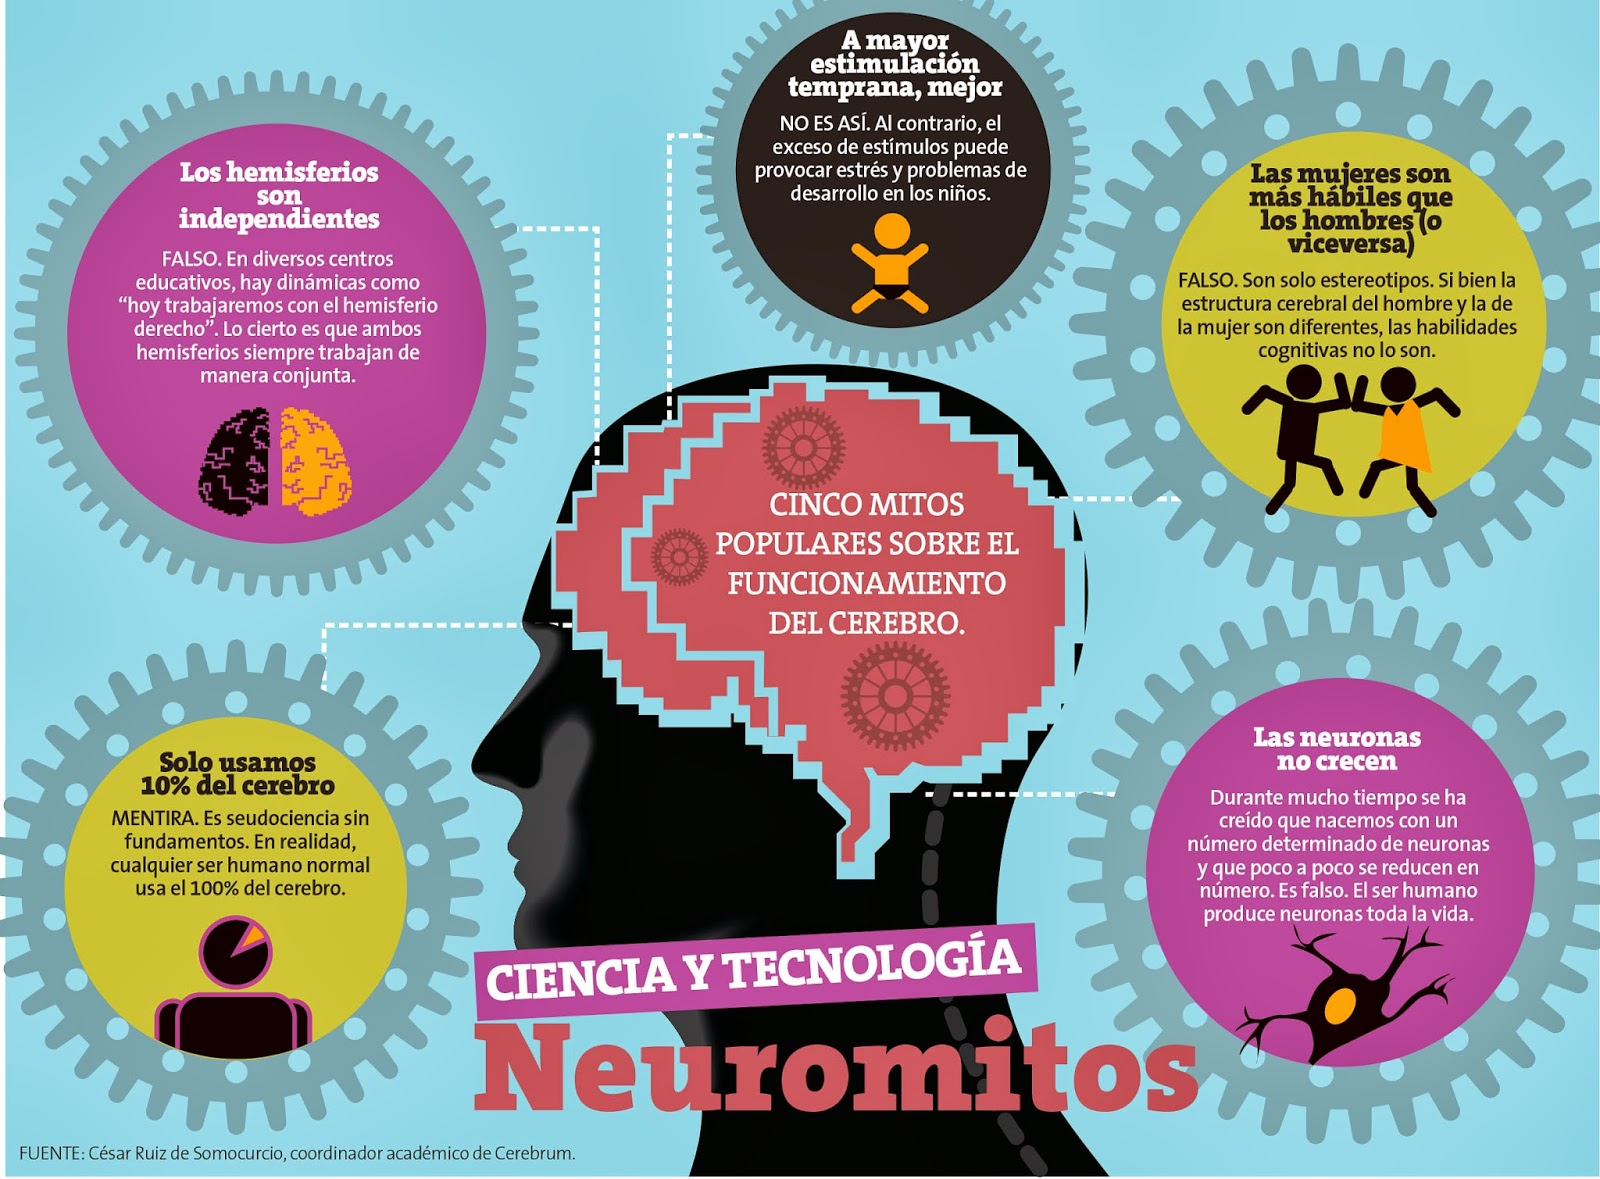 5 mitos populares sobre el funcionamiento del cerebro